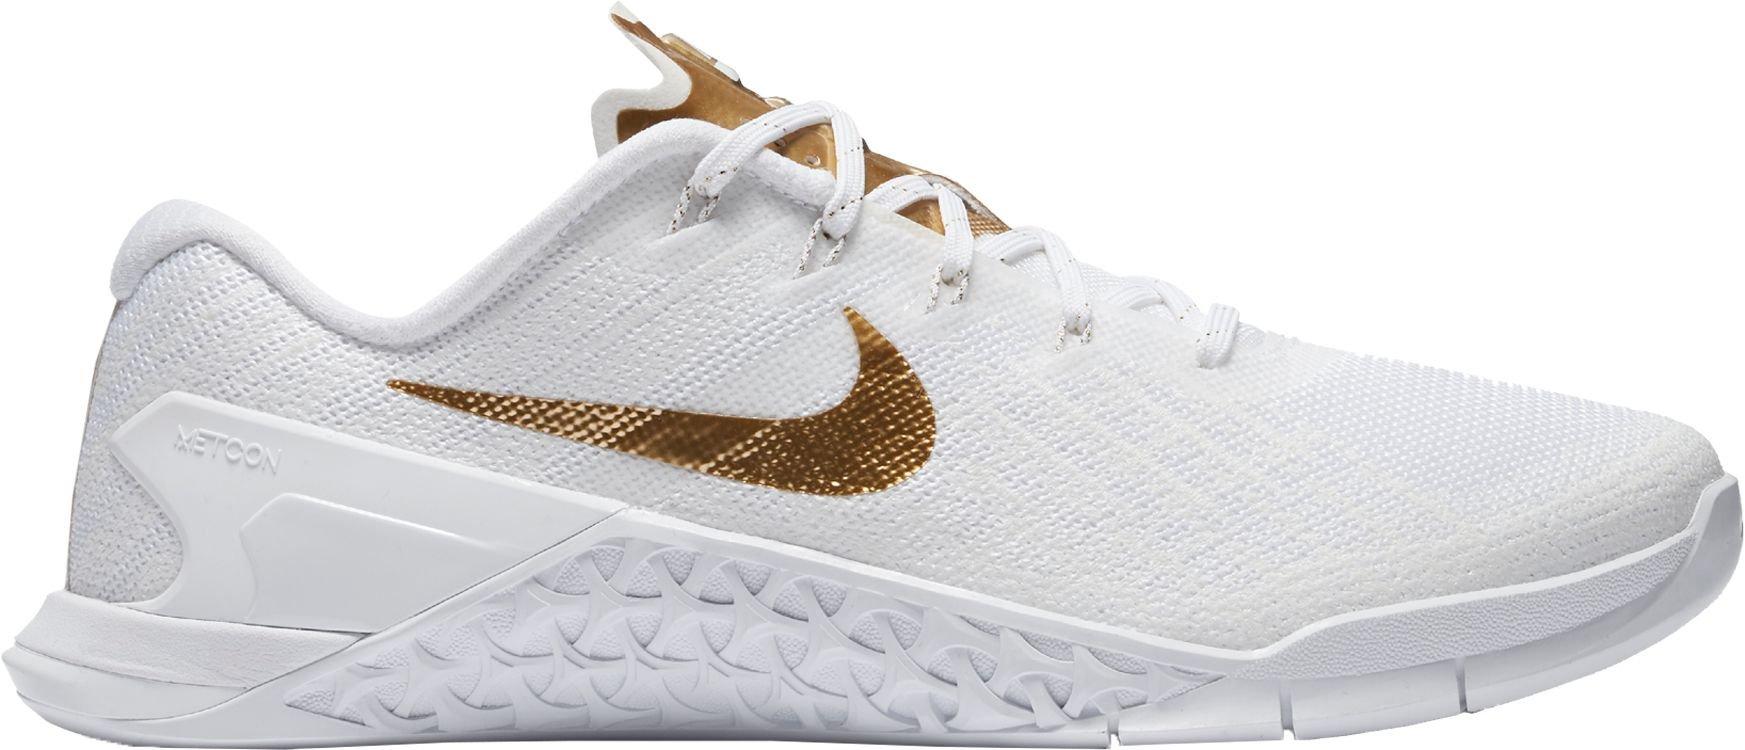 0441bf43b02f1 Nike Metcon 3 AMP Womens Training Shoes (6.5 B(M) US) White/Metallic Gold